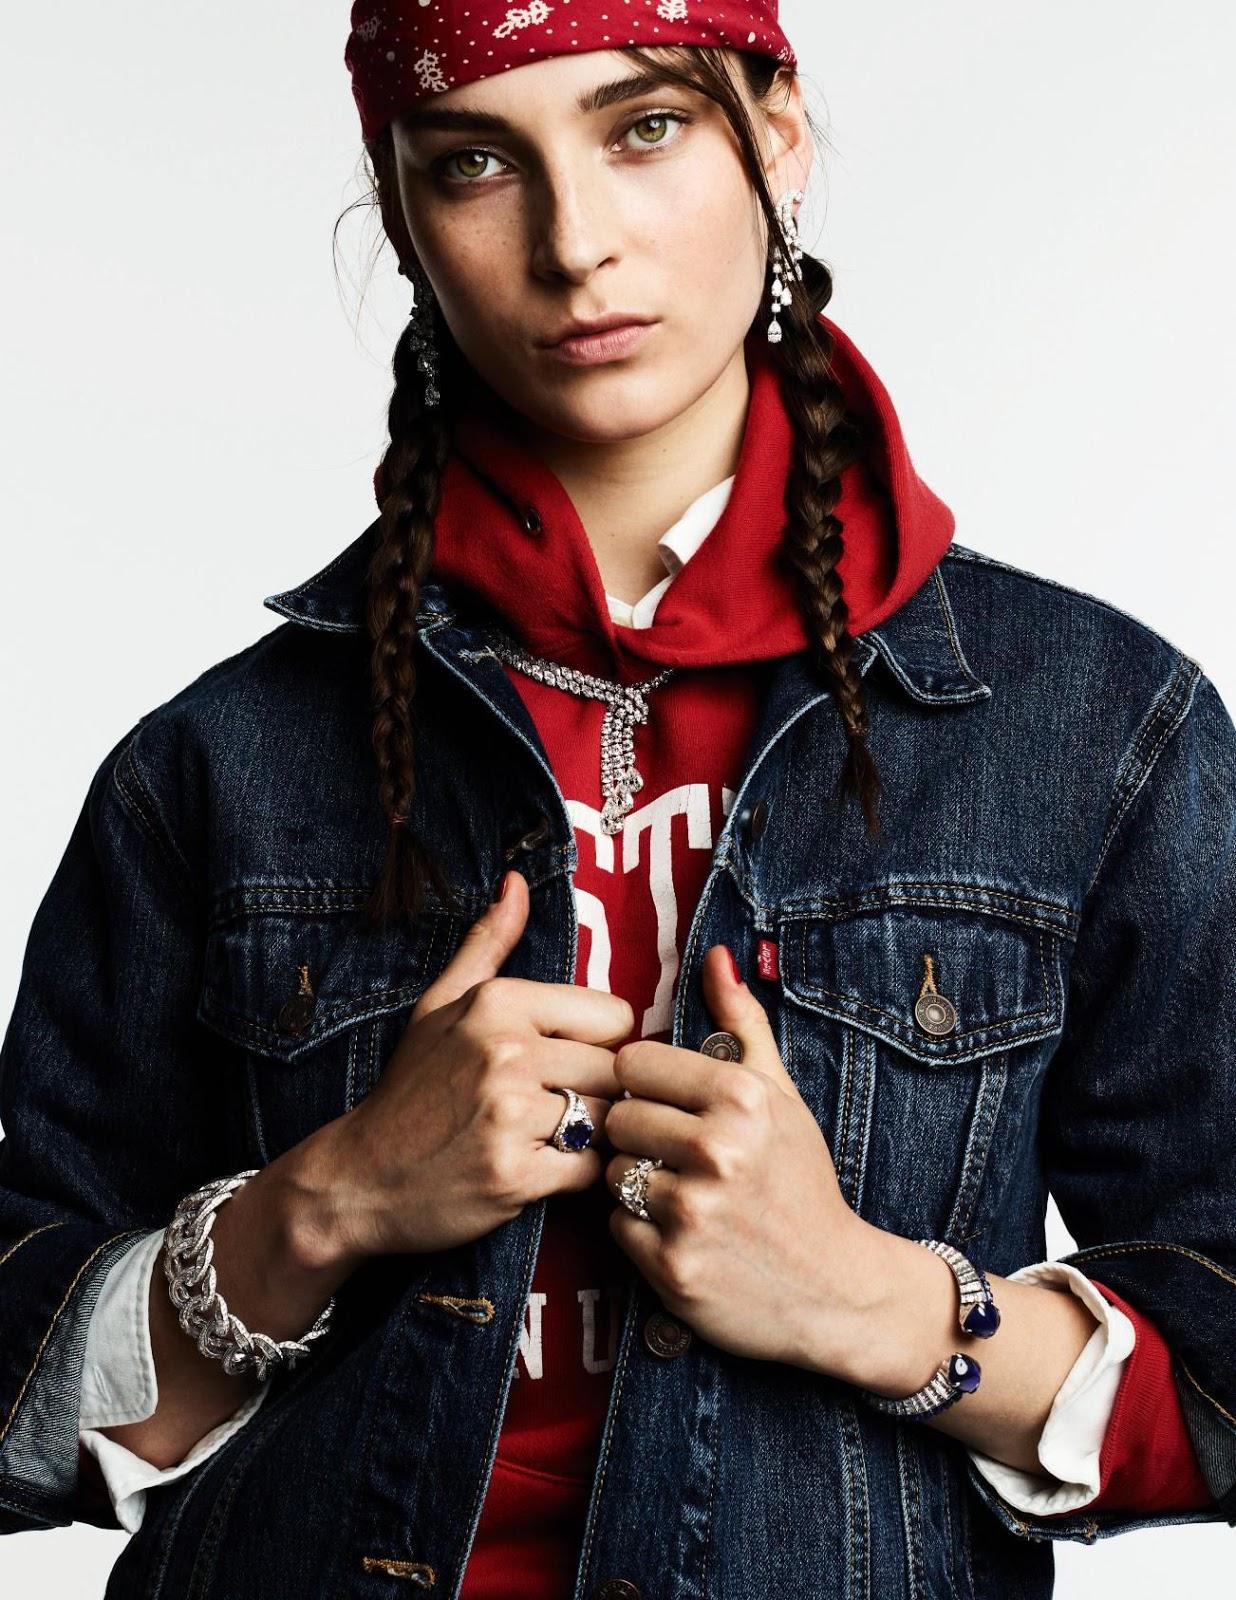 Julia Bergshoeff by Ben Hassett for Vogue Paris Sept 2019 (1).jpg